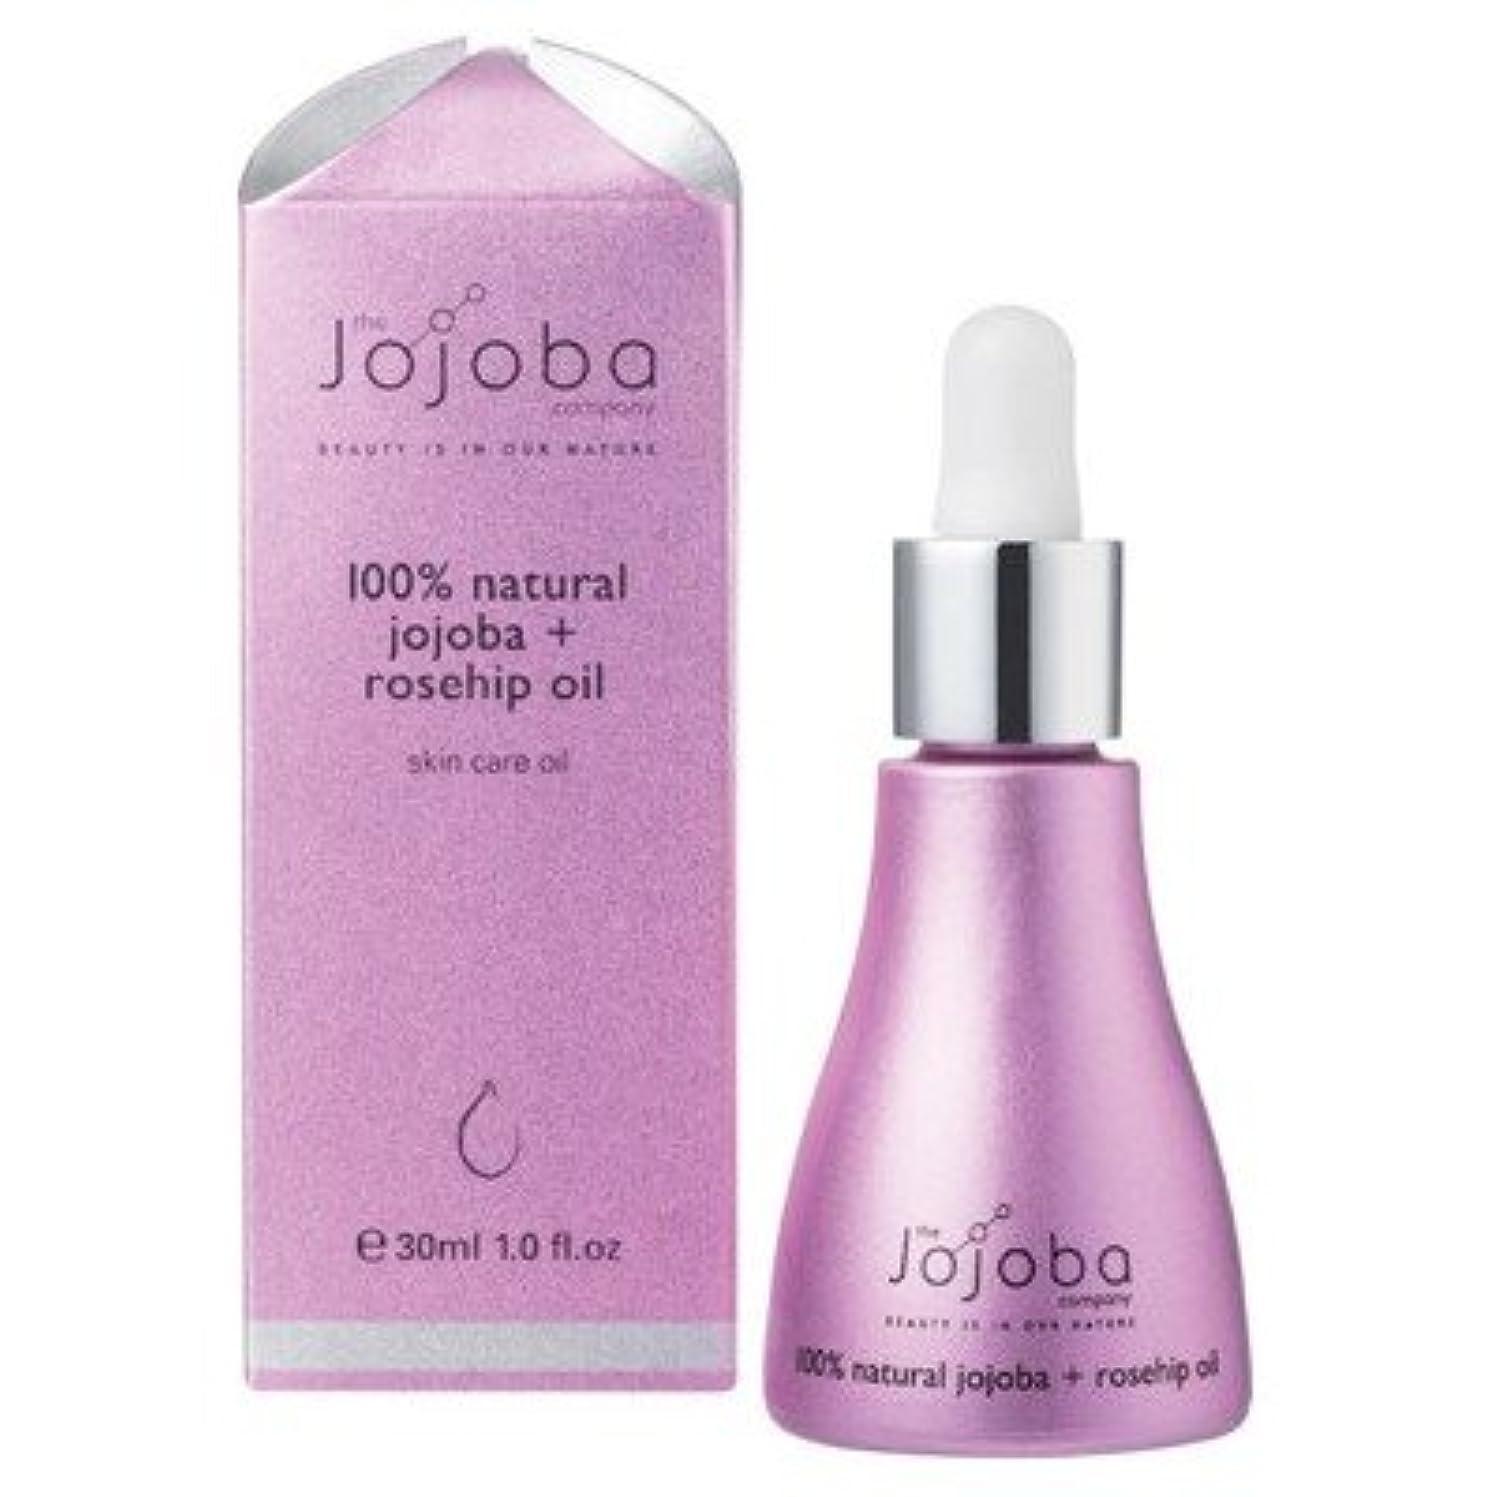 航海のトレーダーログthe Jojoba Company 100% Natural Australian Jojoba Oil + Rosehip Oil ホホバ&ローズヒップブレンドオイル 30ml [海外直送品]